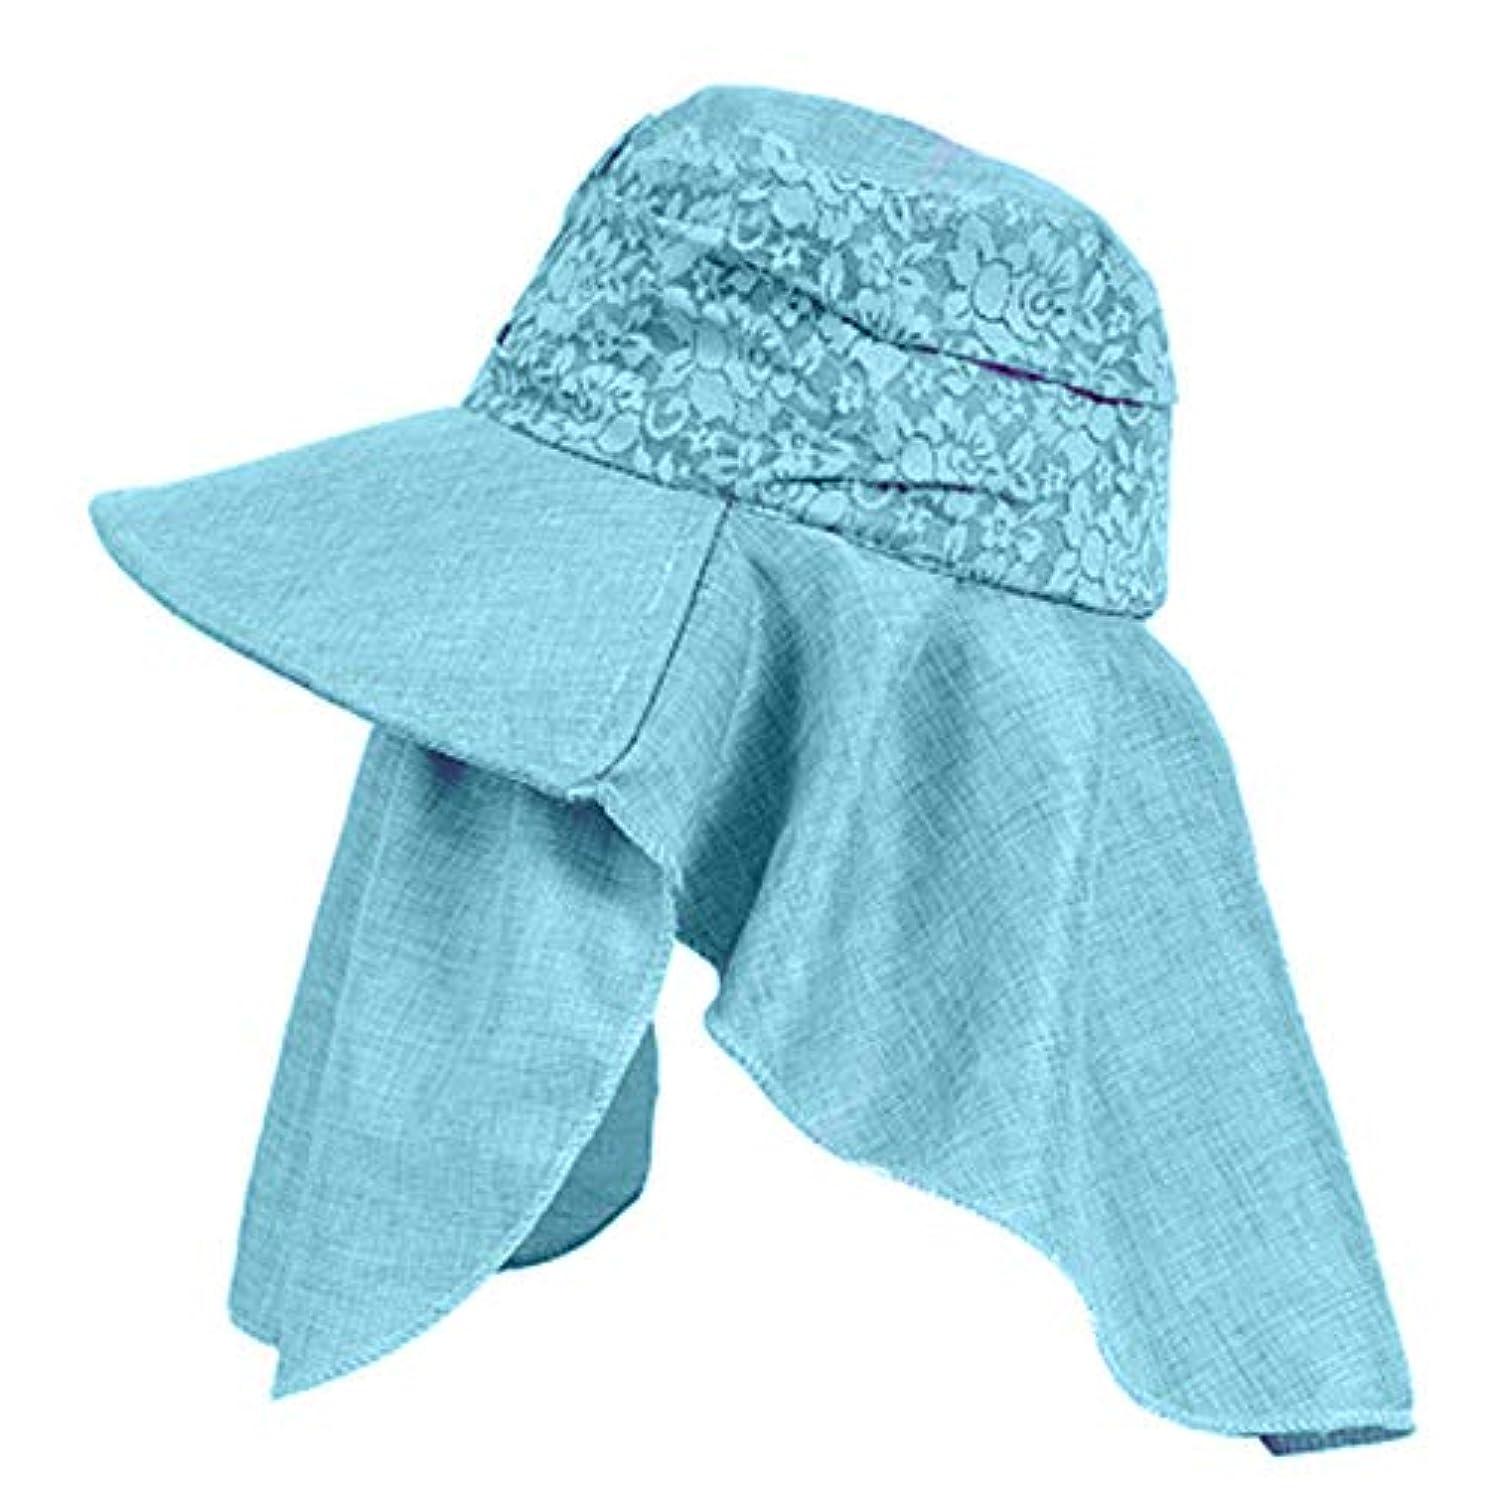 失われた選択する材料Merssavo 女性の夏の日曜日の帽子、バイザーカバーの表面の反紫色のライン旅行日曜日の帽子、ガーデニング、ハイキング、旅行、1#